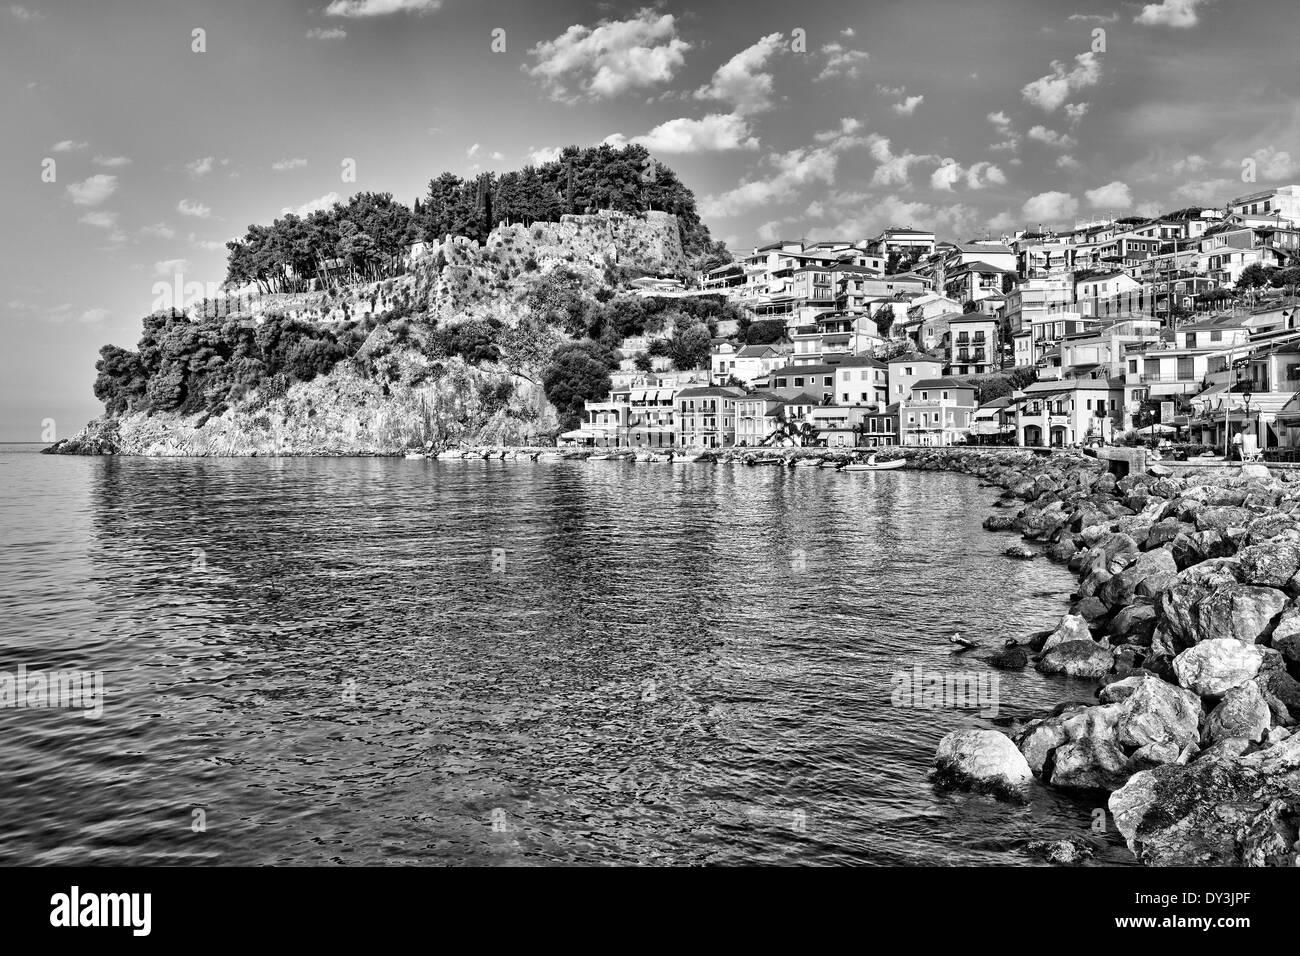 Die Bucht mit den bunten Häusern von Parga, Griechenland Stockbild